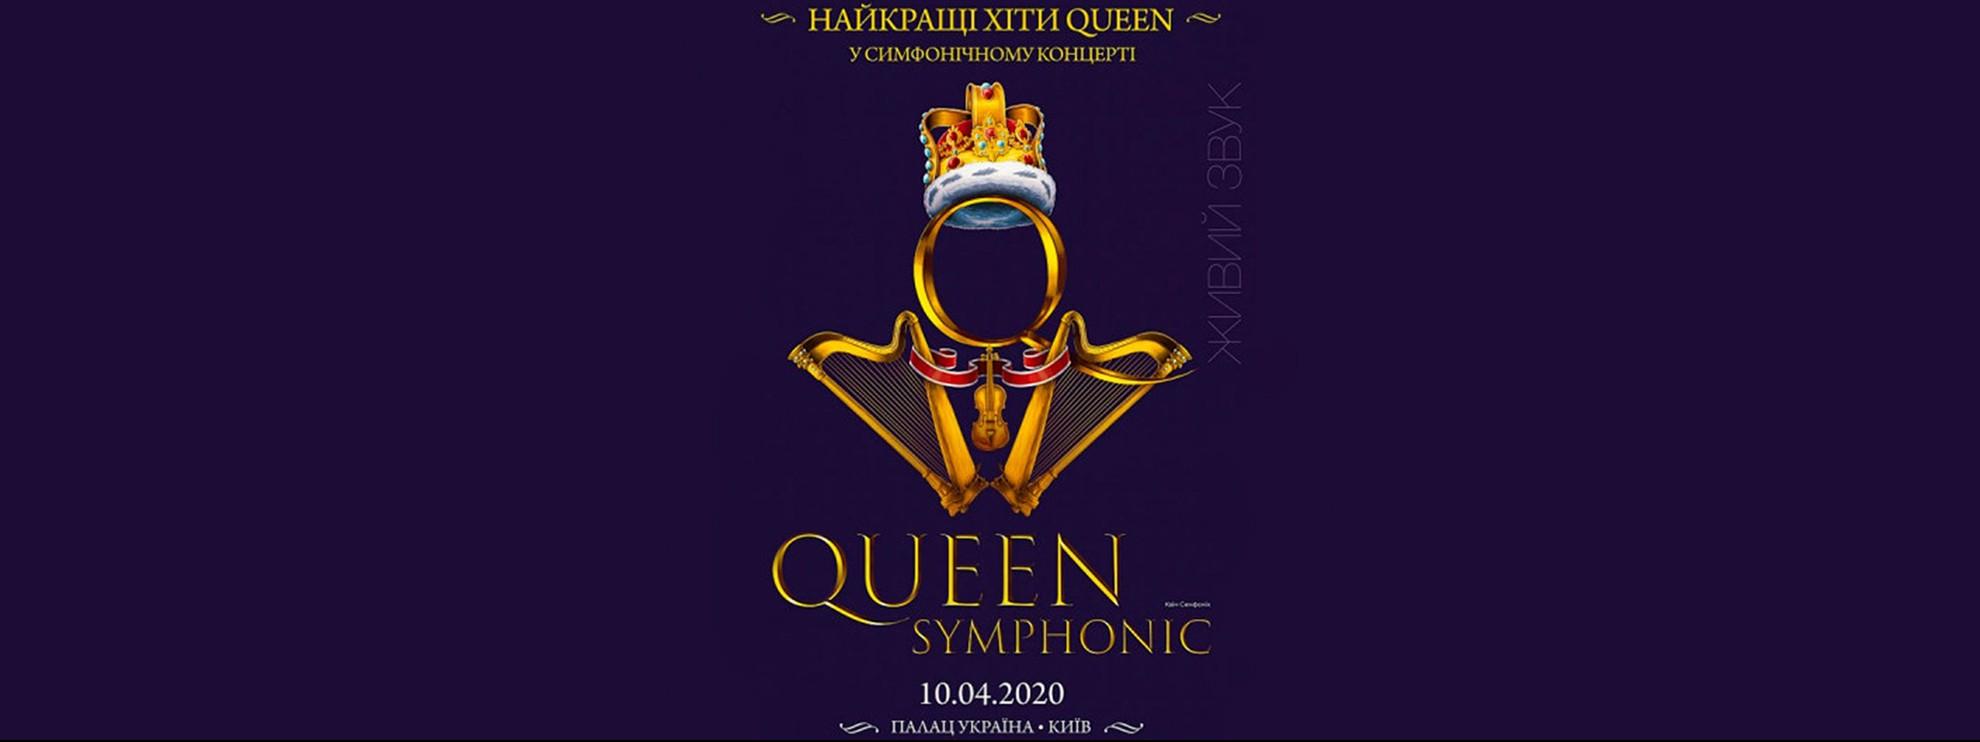 исполнитель Queen Rock and Symphonic (Квин Рок энд Симфоник)